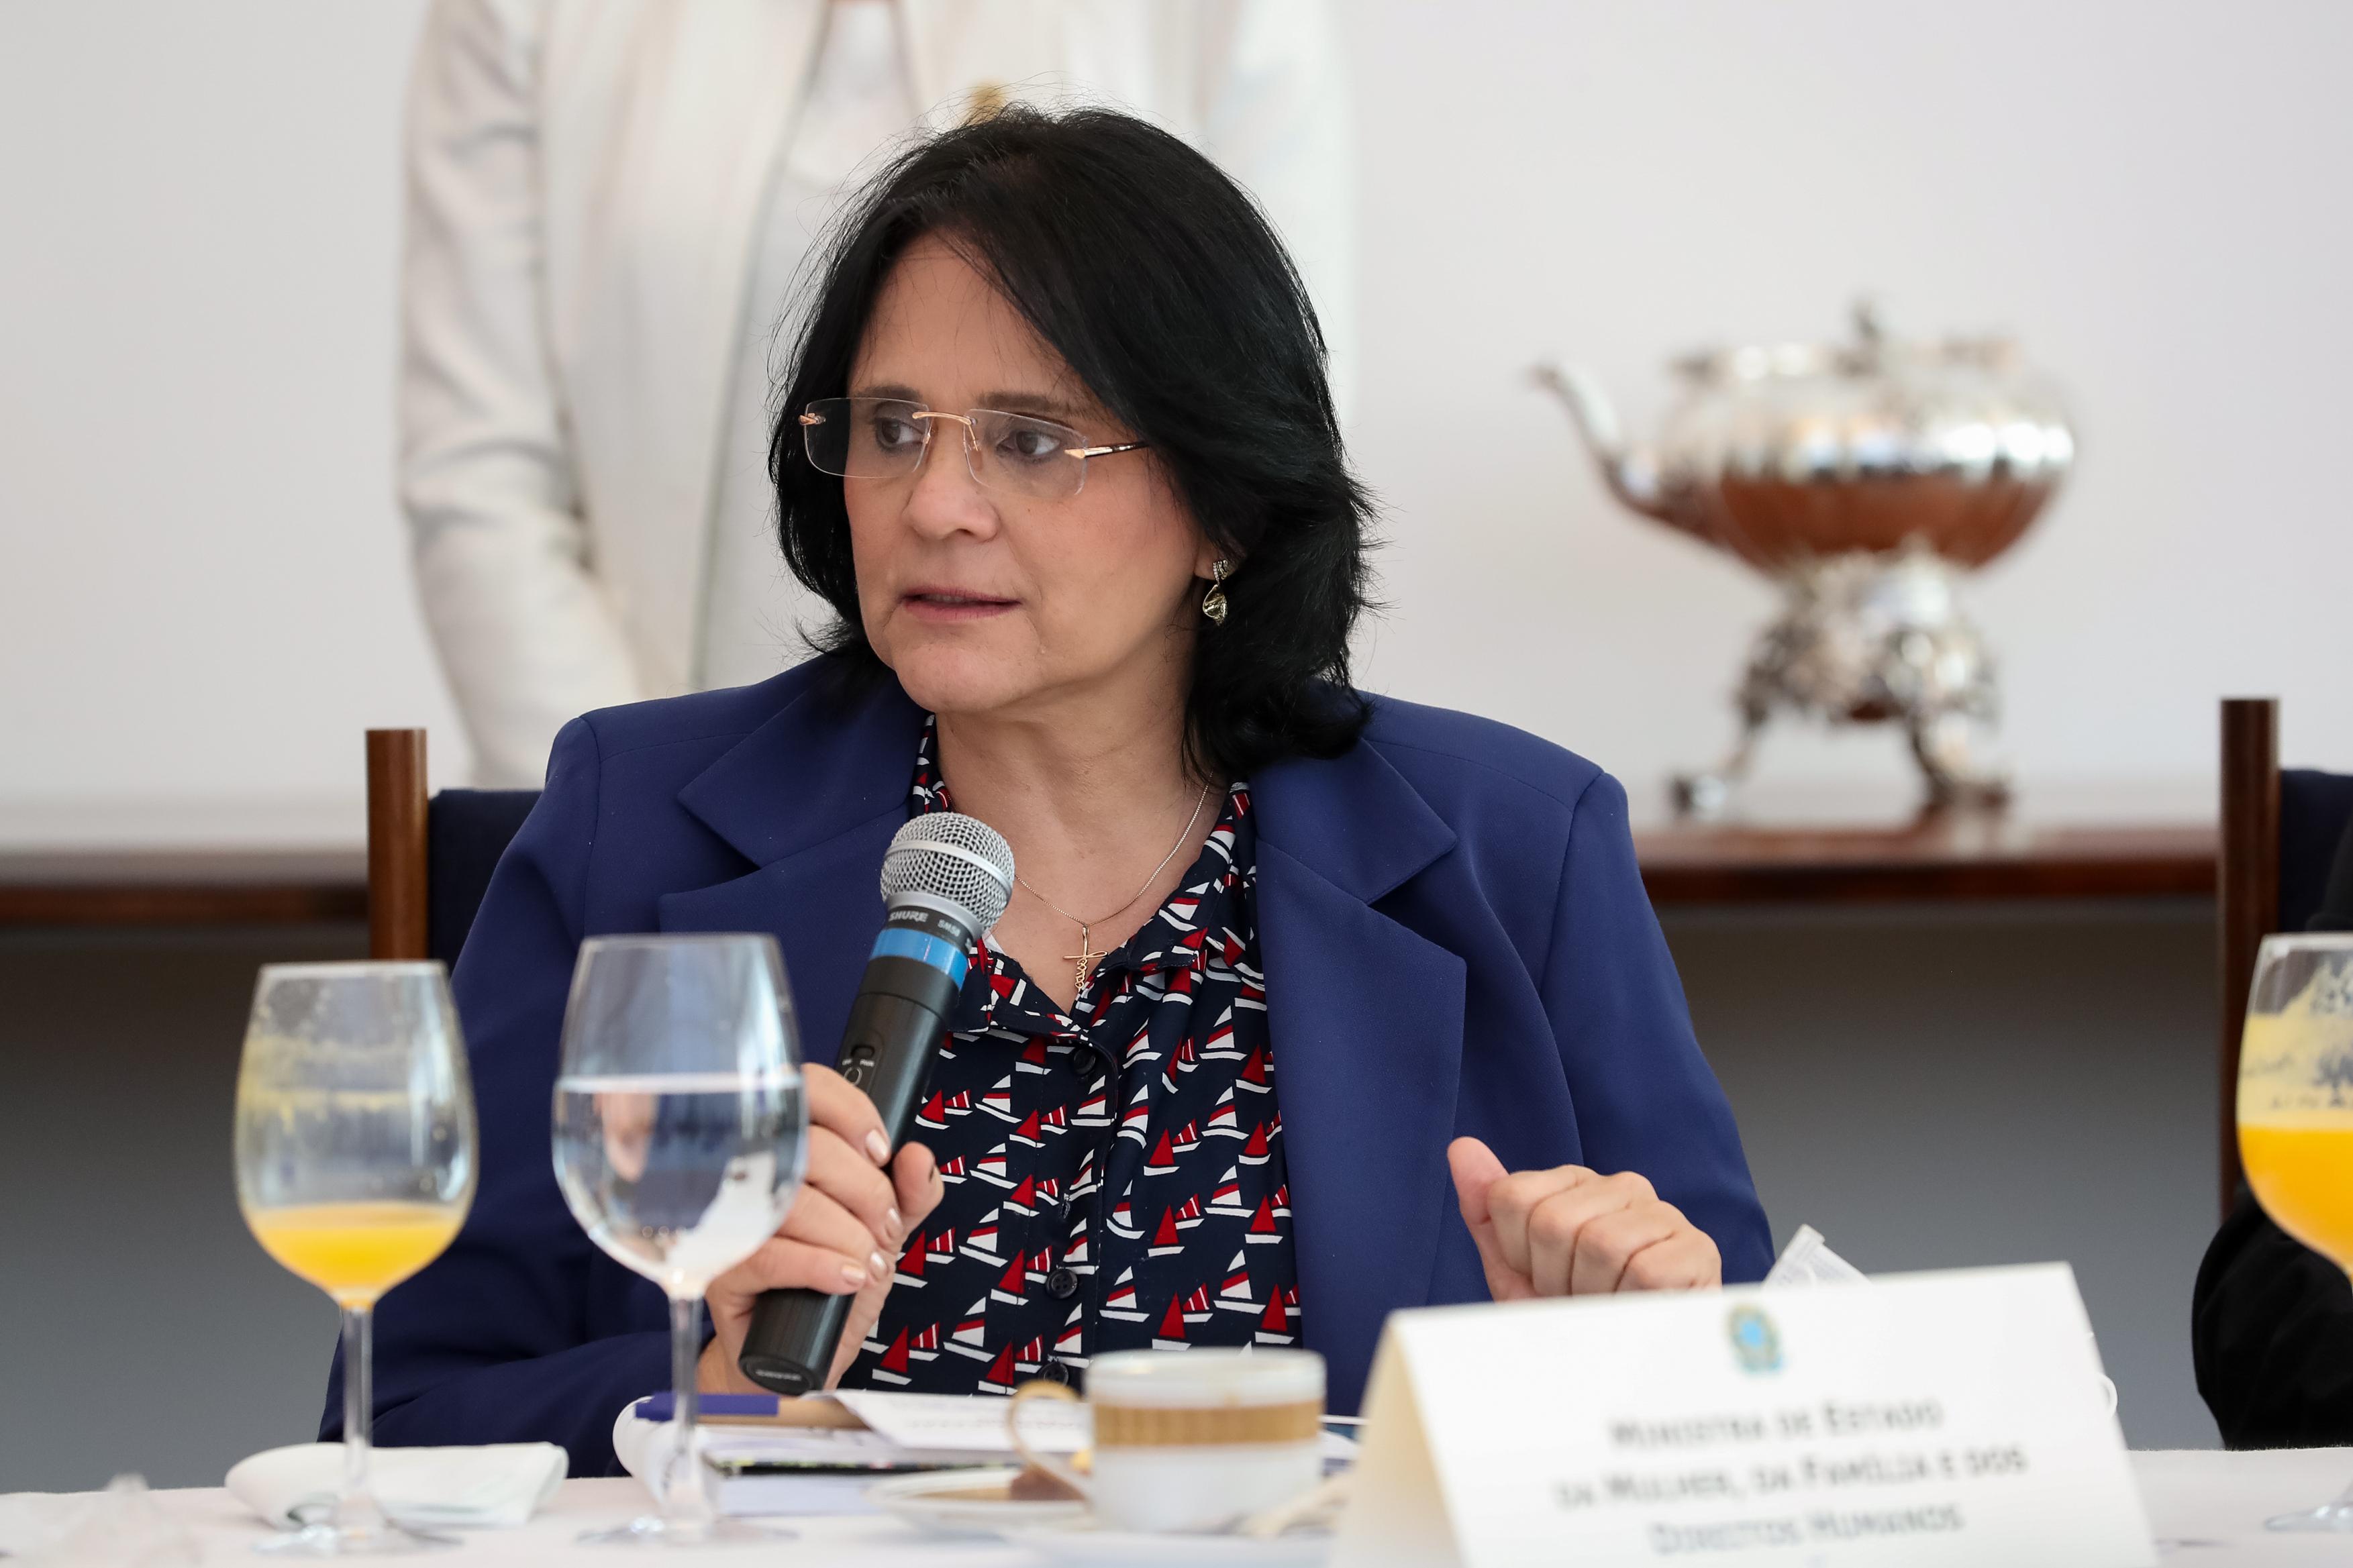 IMAGEM: STF envia à PGR acusação contra Damares por fala sobre prender governadores